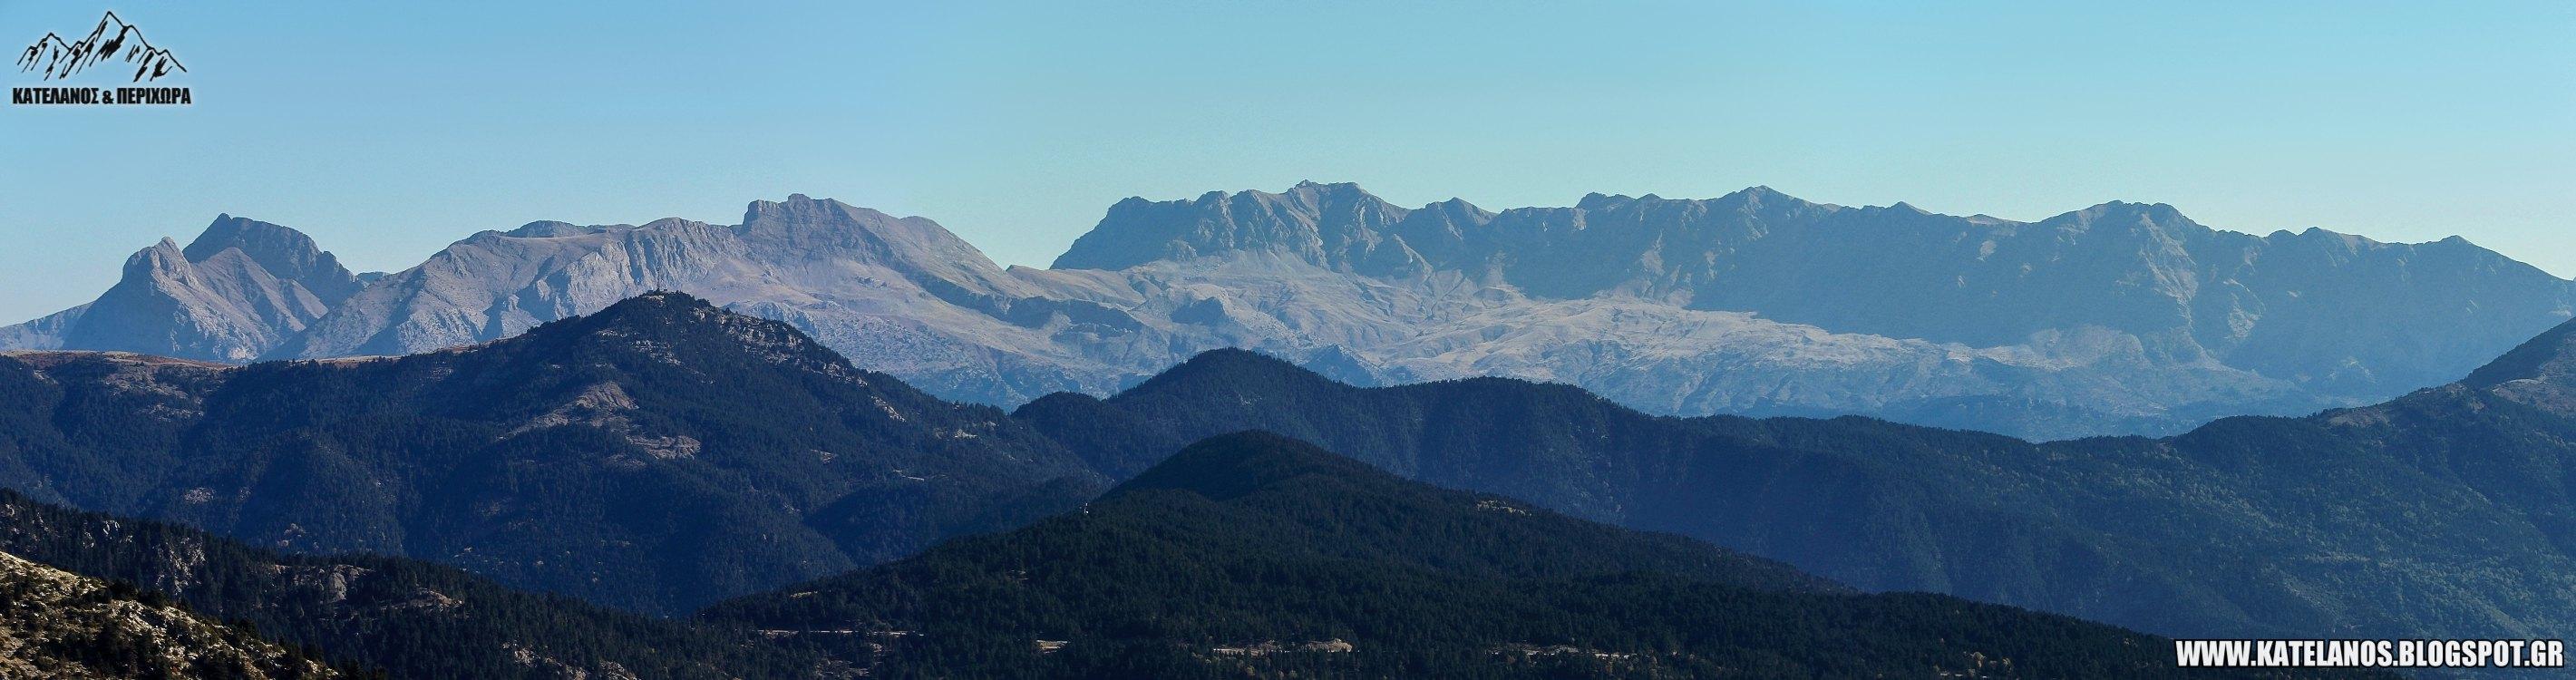 βαρδουσια ορη βουνα